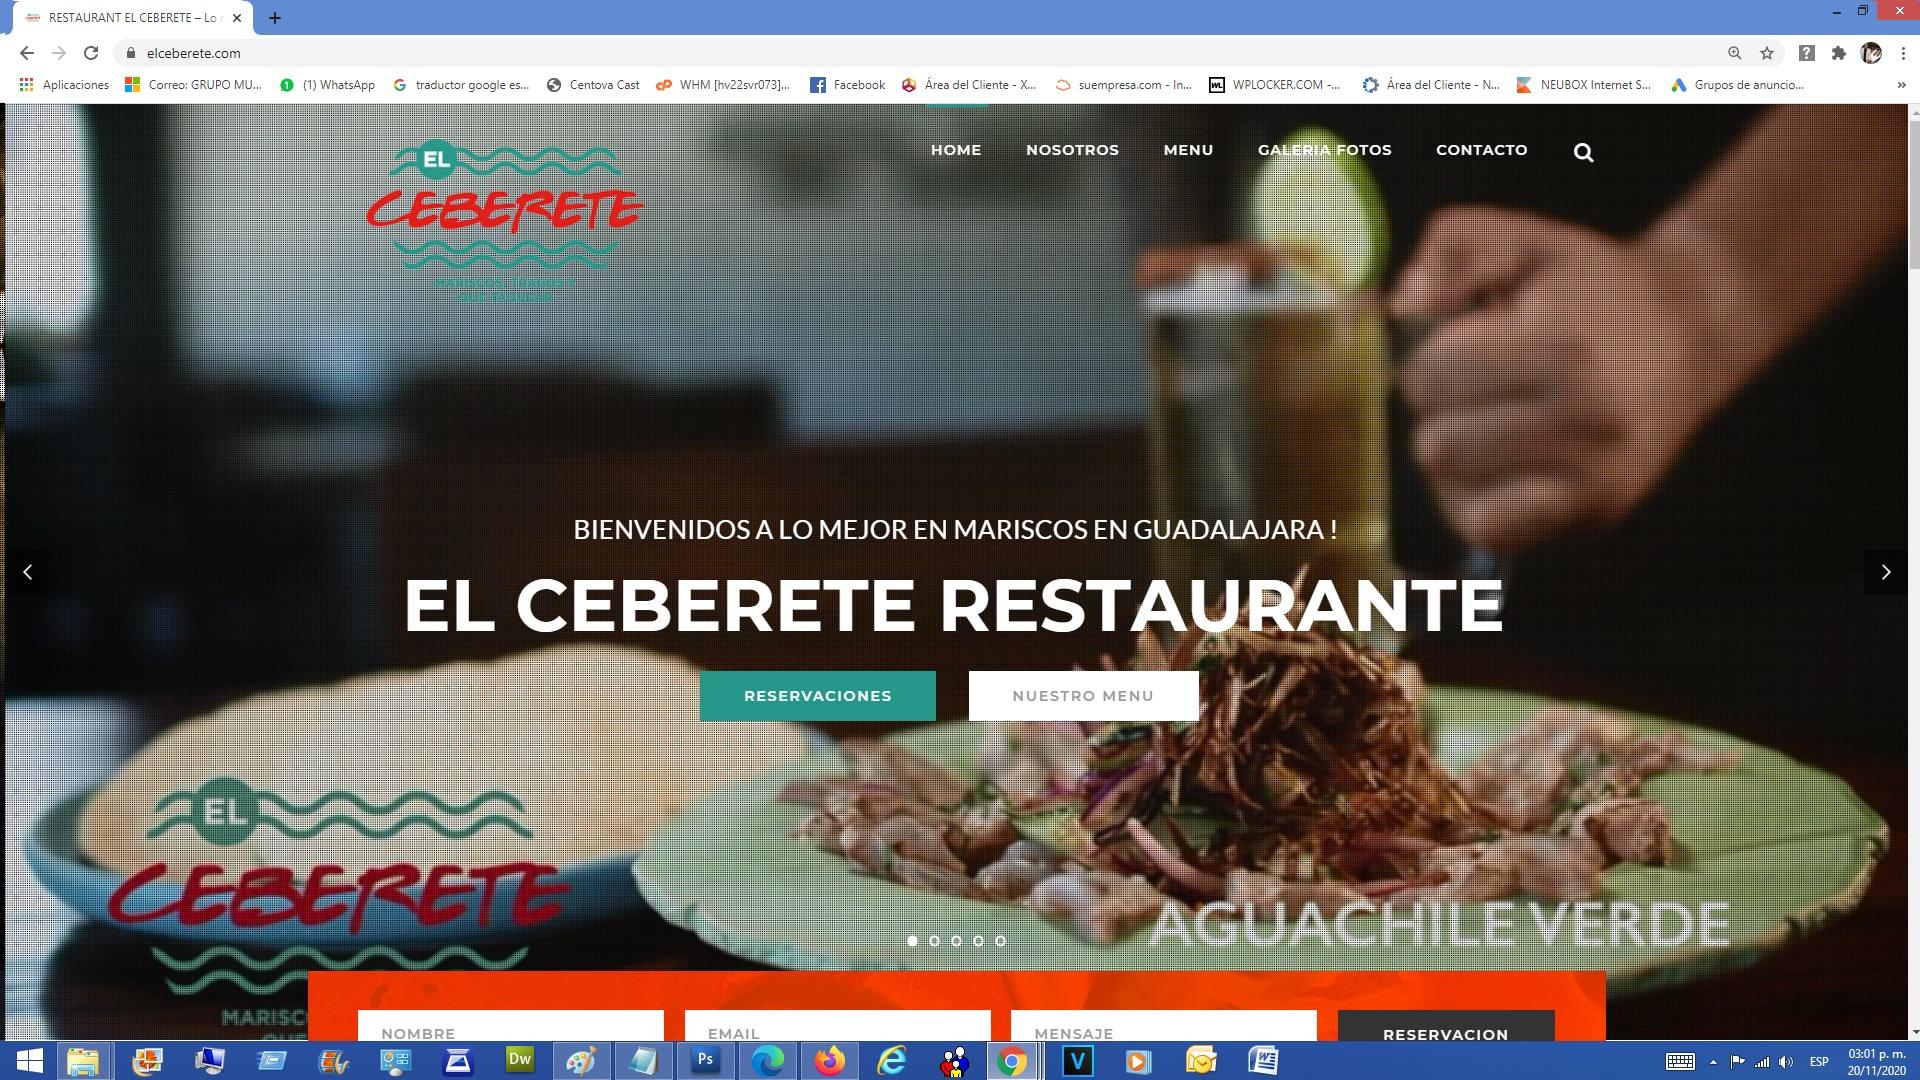 el ceberete restaurant